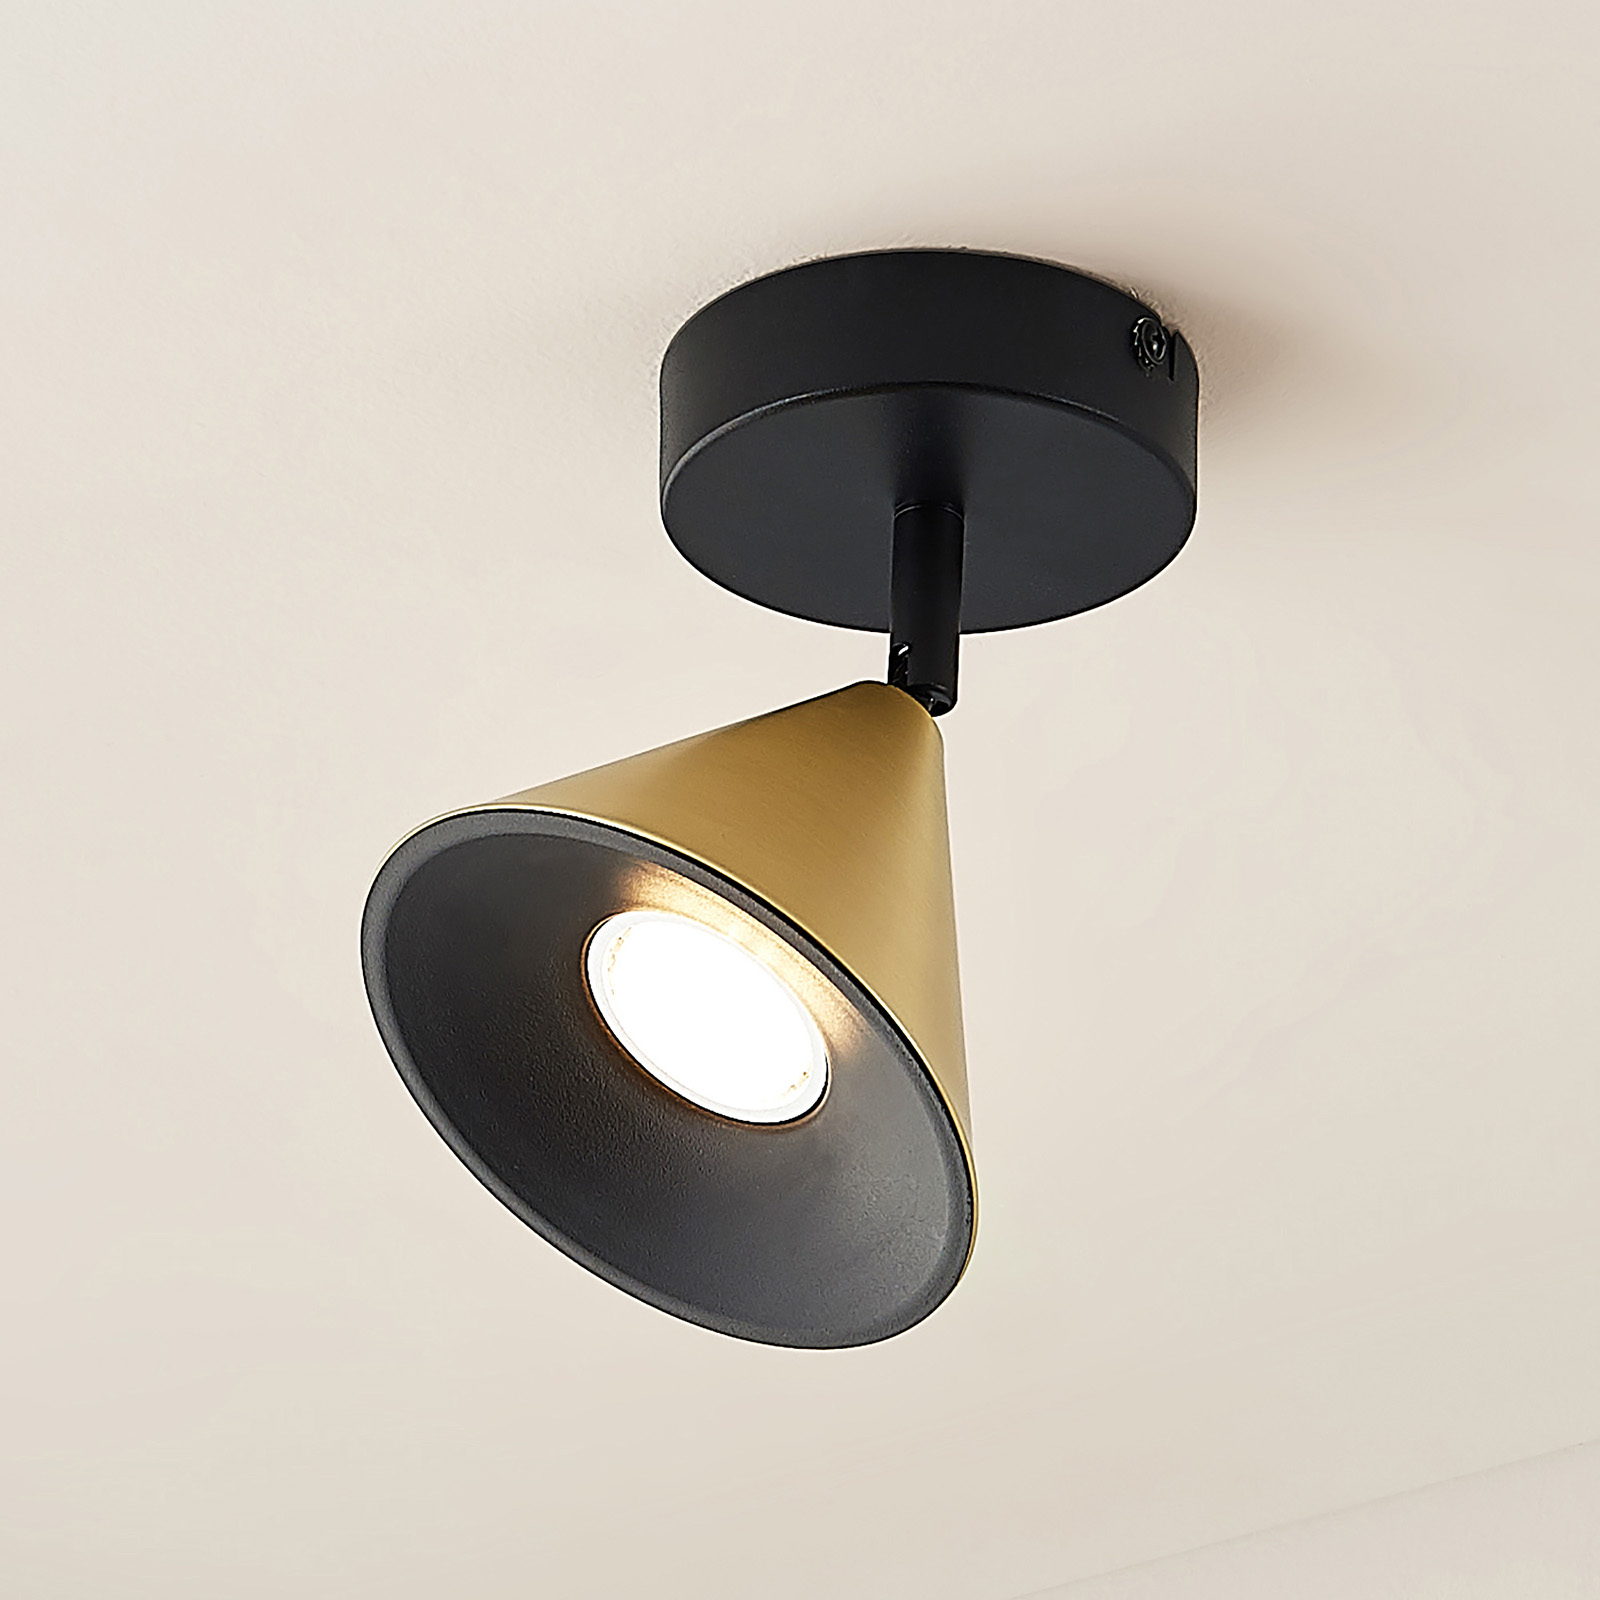 Lucande Kartio taklampe, 1 lys, dreibar, messing